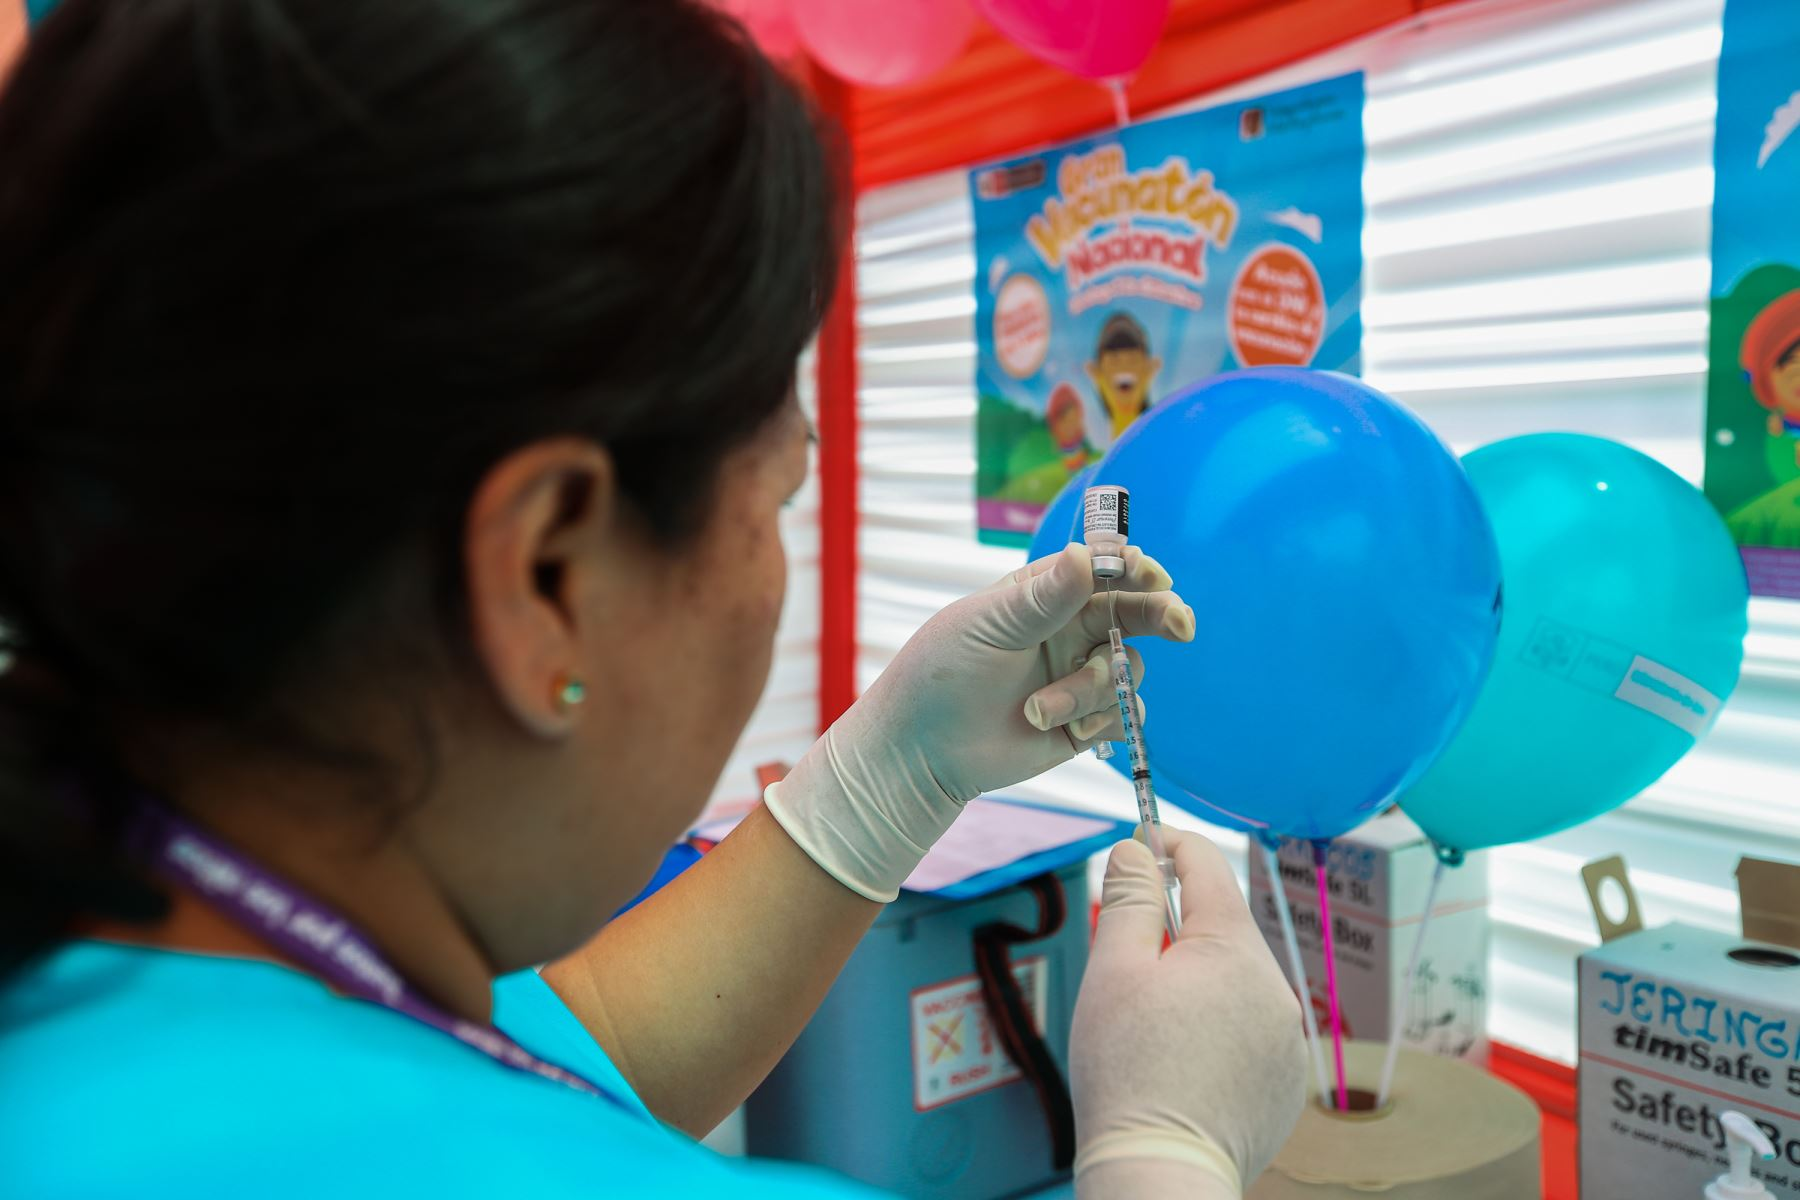 Minsa: hoy se realizará gran campaña de vacunación a menores de 5 años. Foto: ANDINA/Difusión.